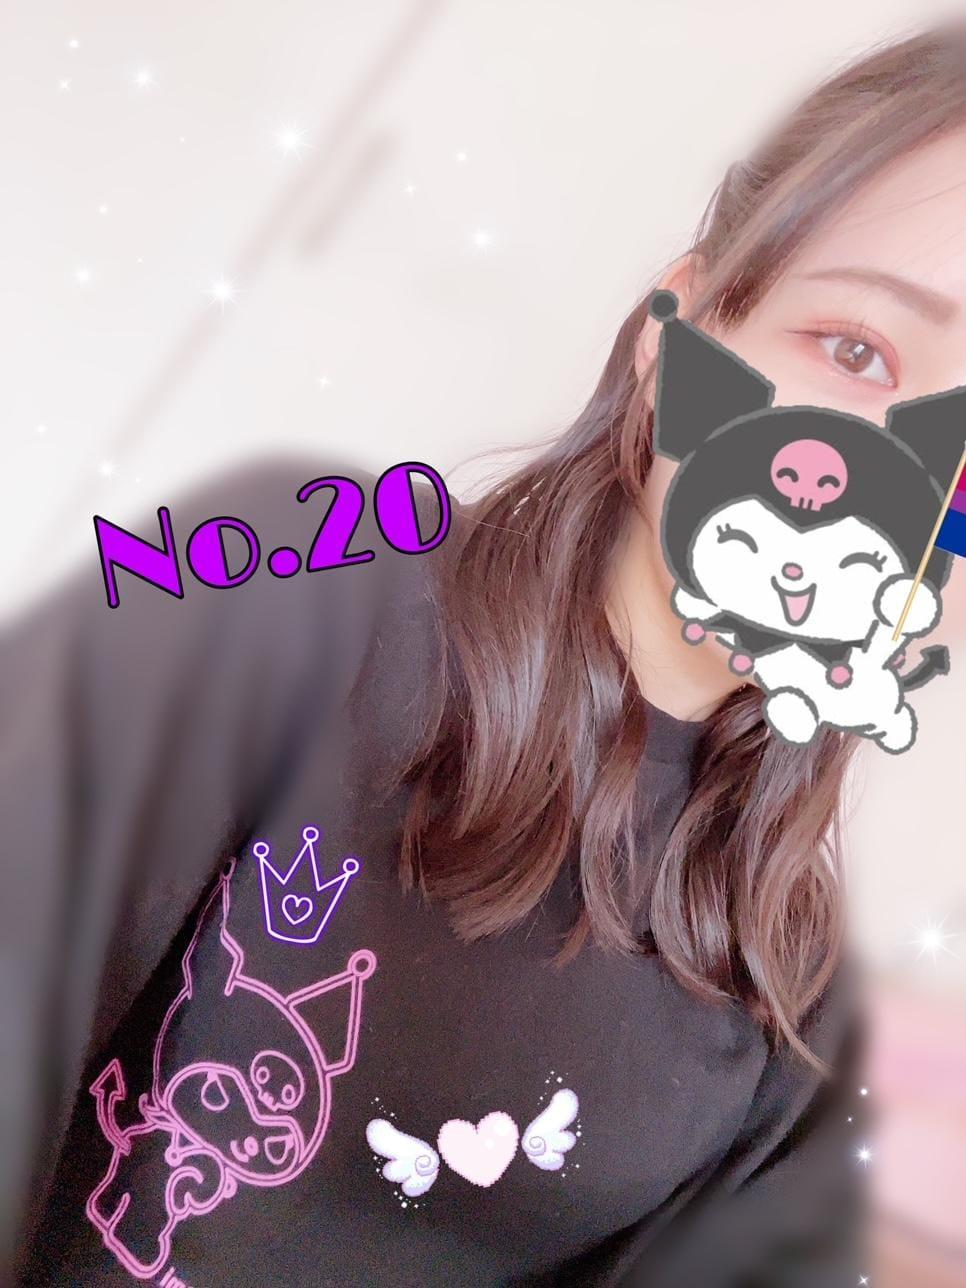 「クロミちゃんLOVE♡」09/17(金) 19:56   No.20 桃瀬の写メ日記